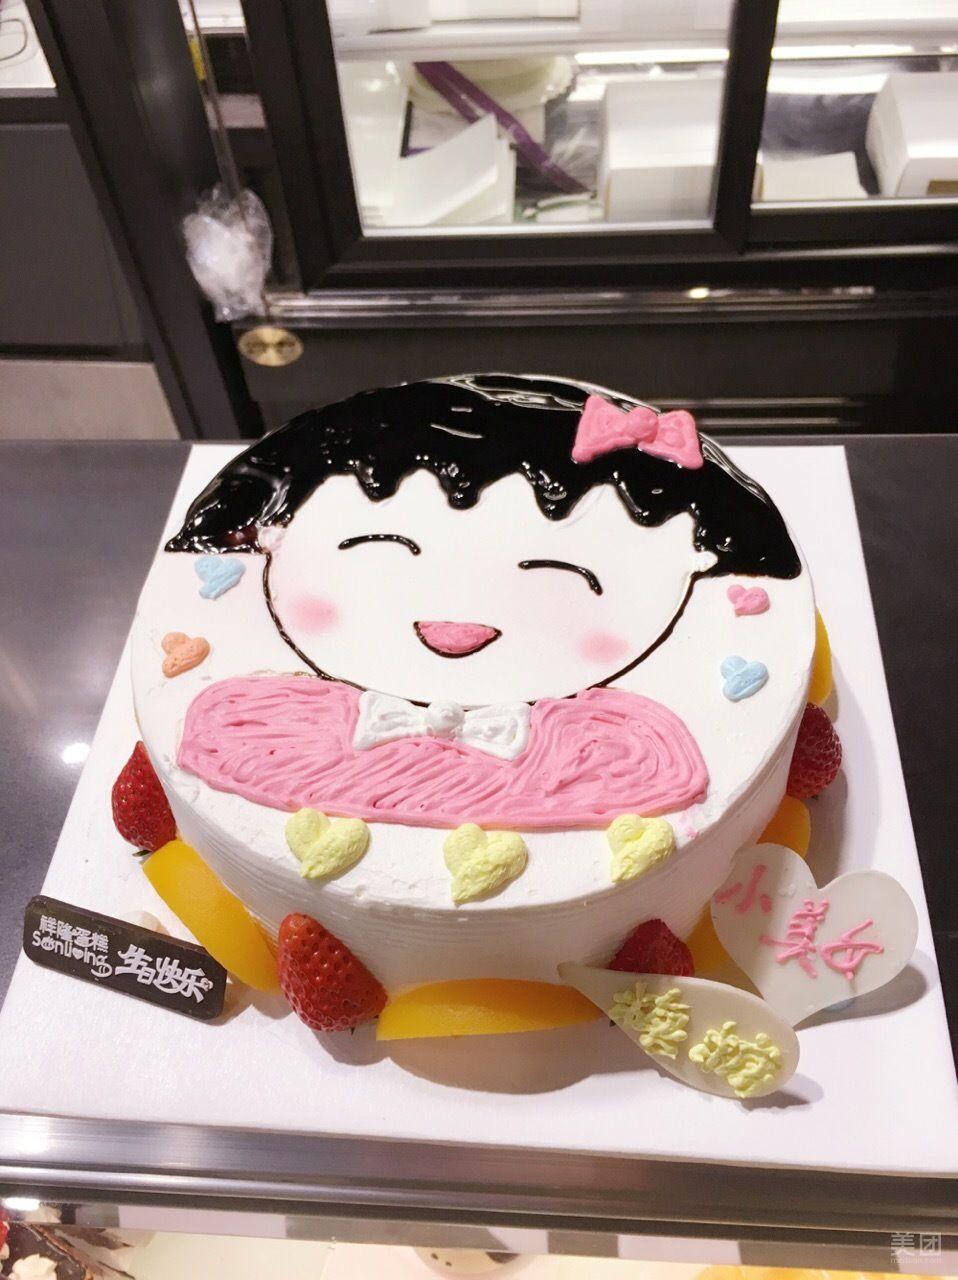 祥隆蛋糕(金博大店)图片